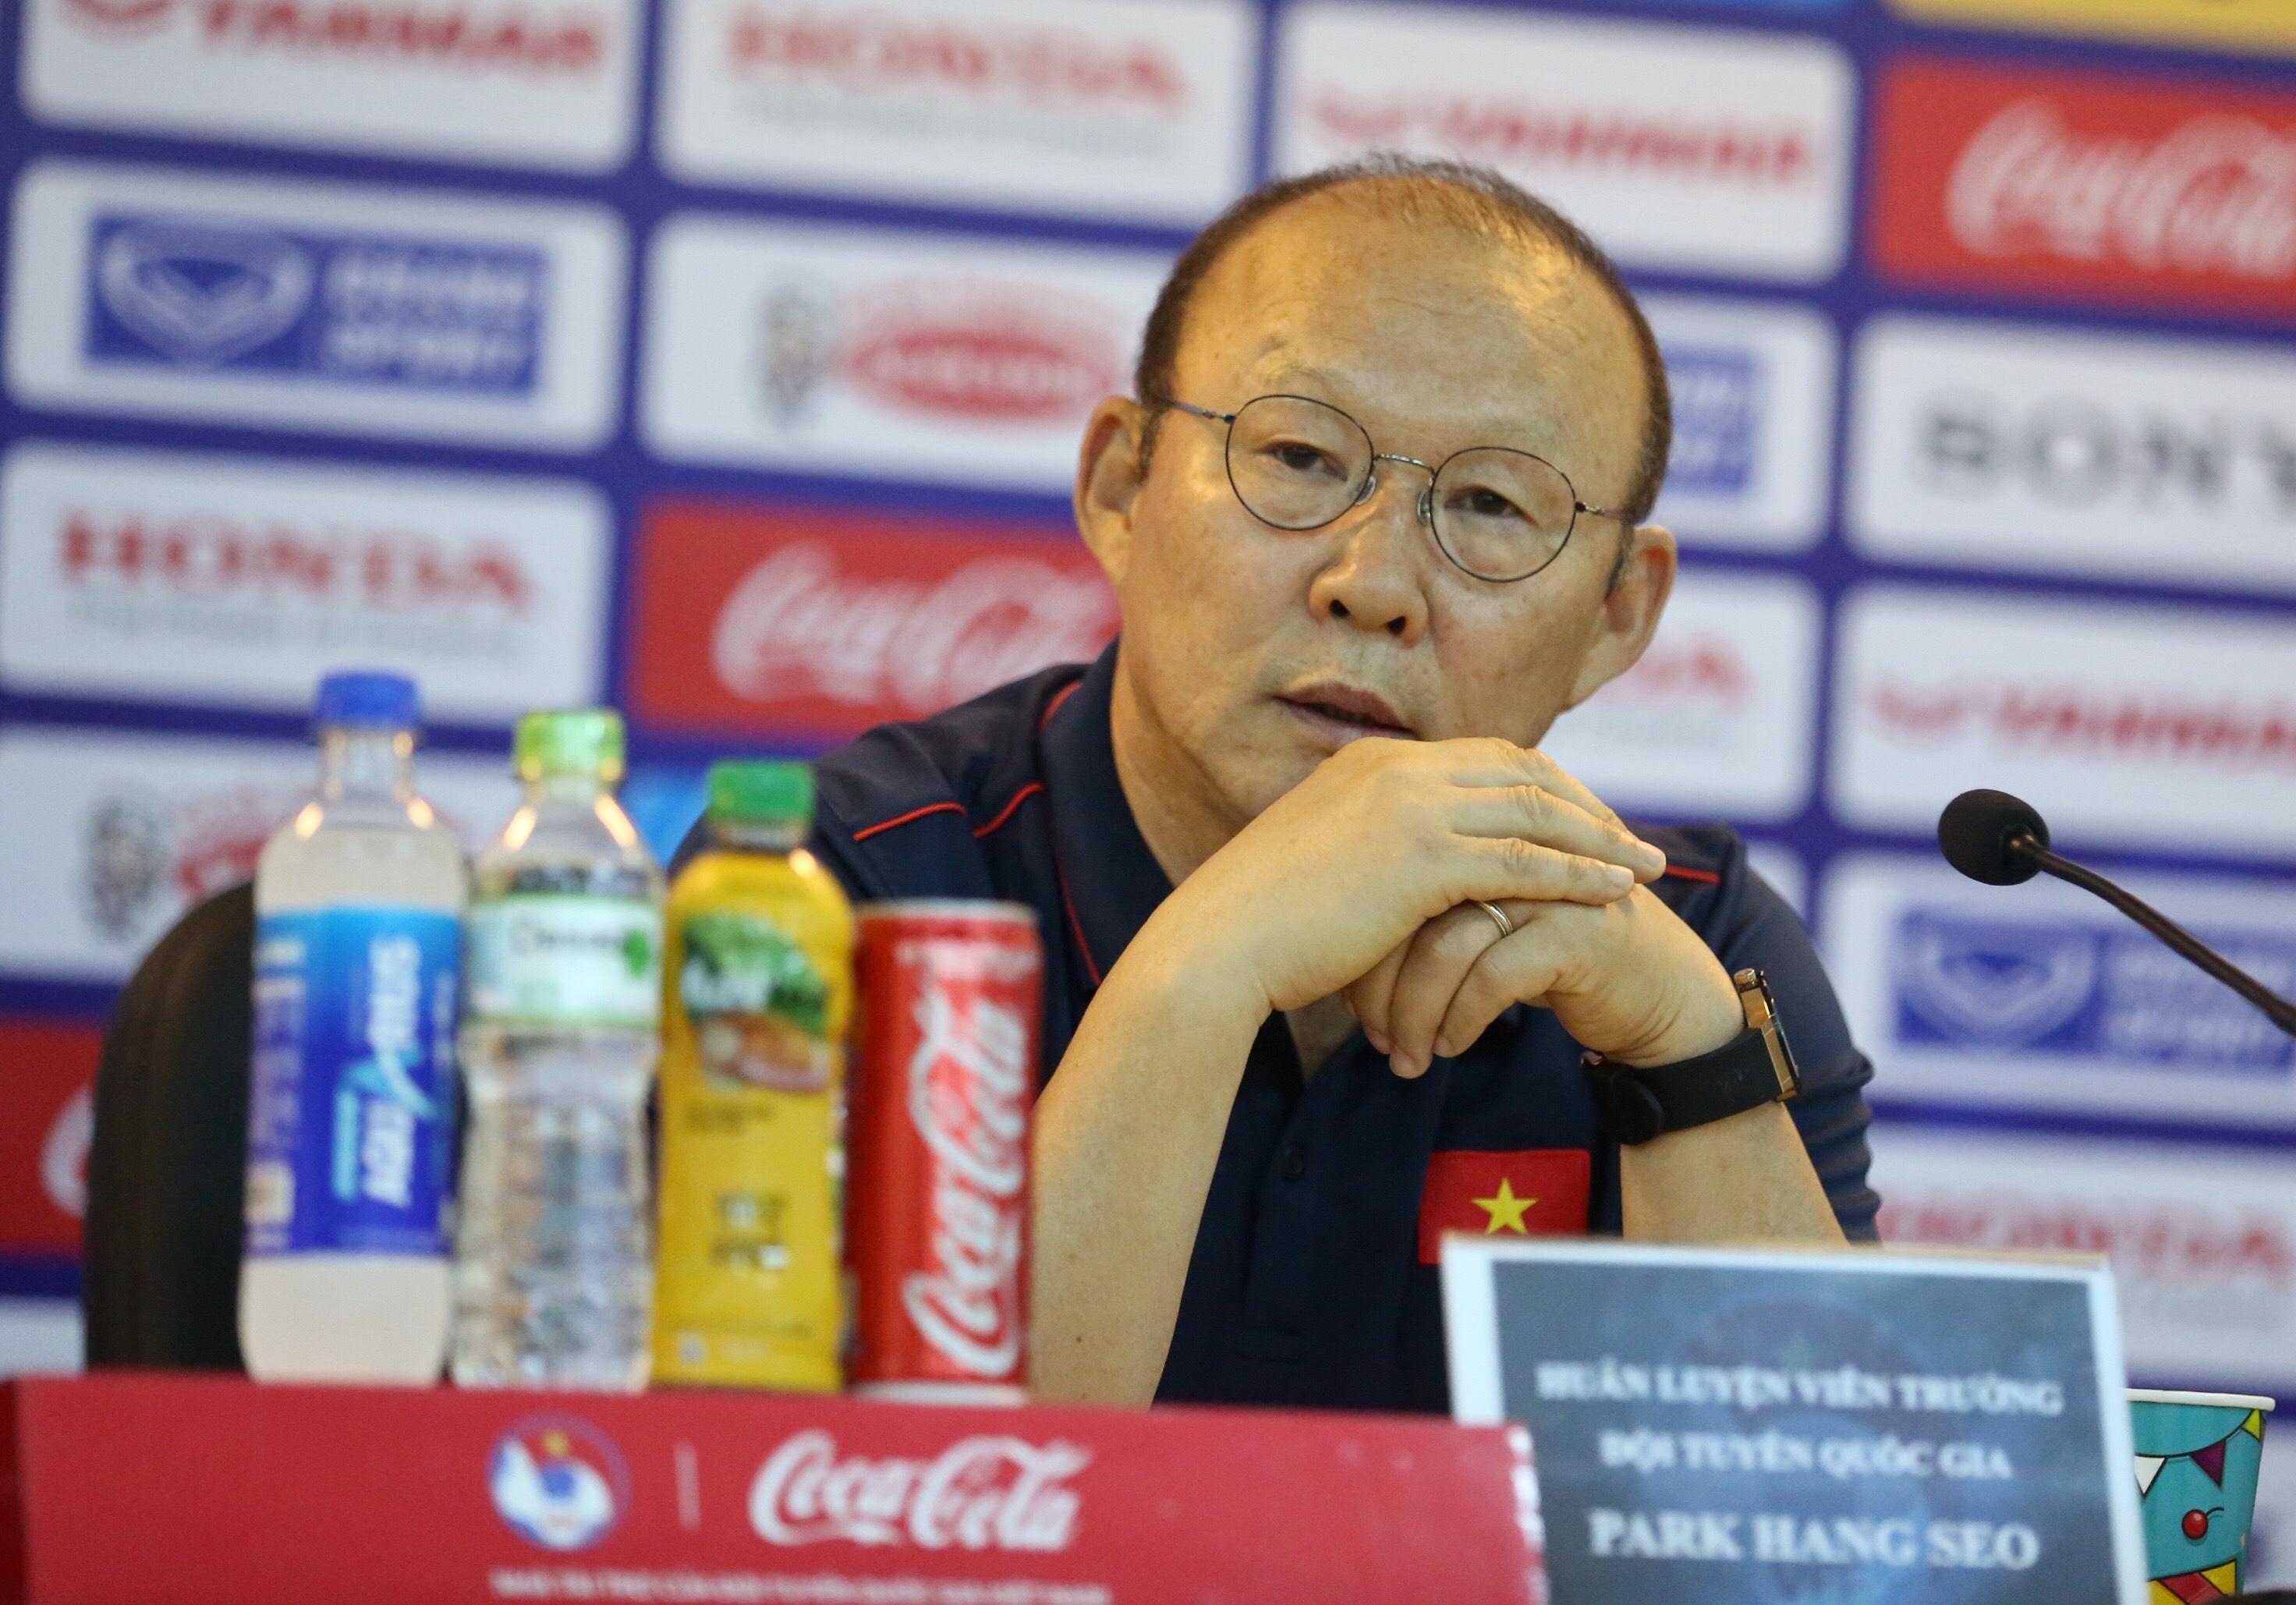 """HLV trưởng Park Hang-seo:  """"Cánh cửa ĐT Việt Nam luôn rộng mở và bình đẳng với tất cả các cầu thủ"""""""